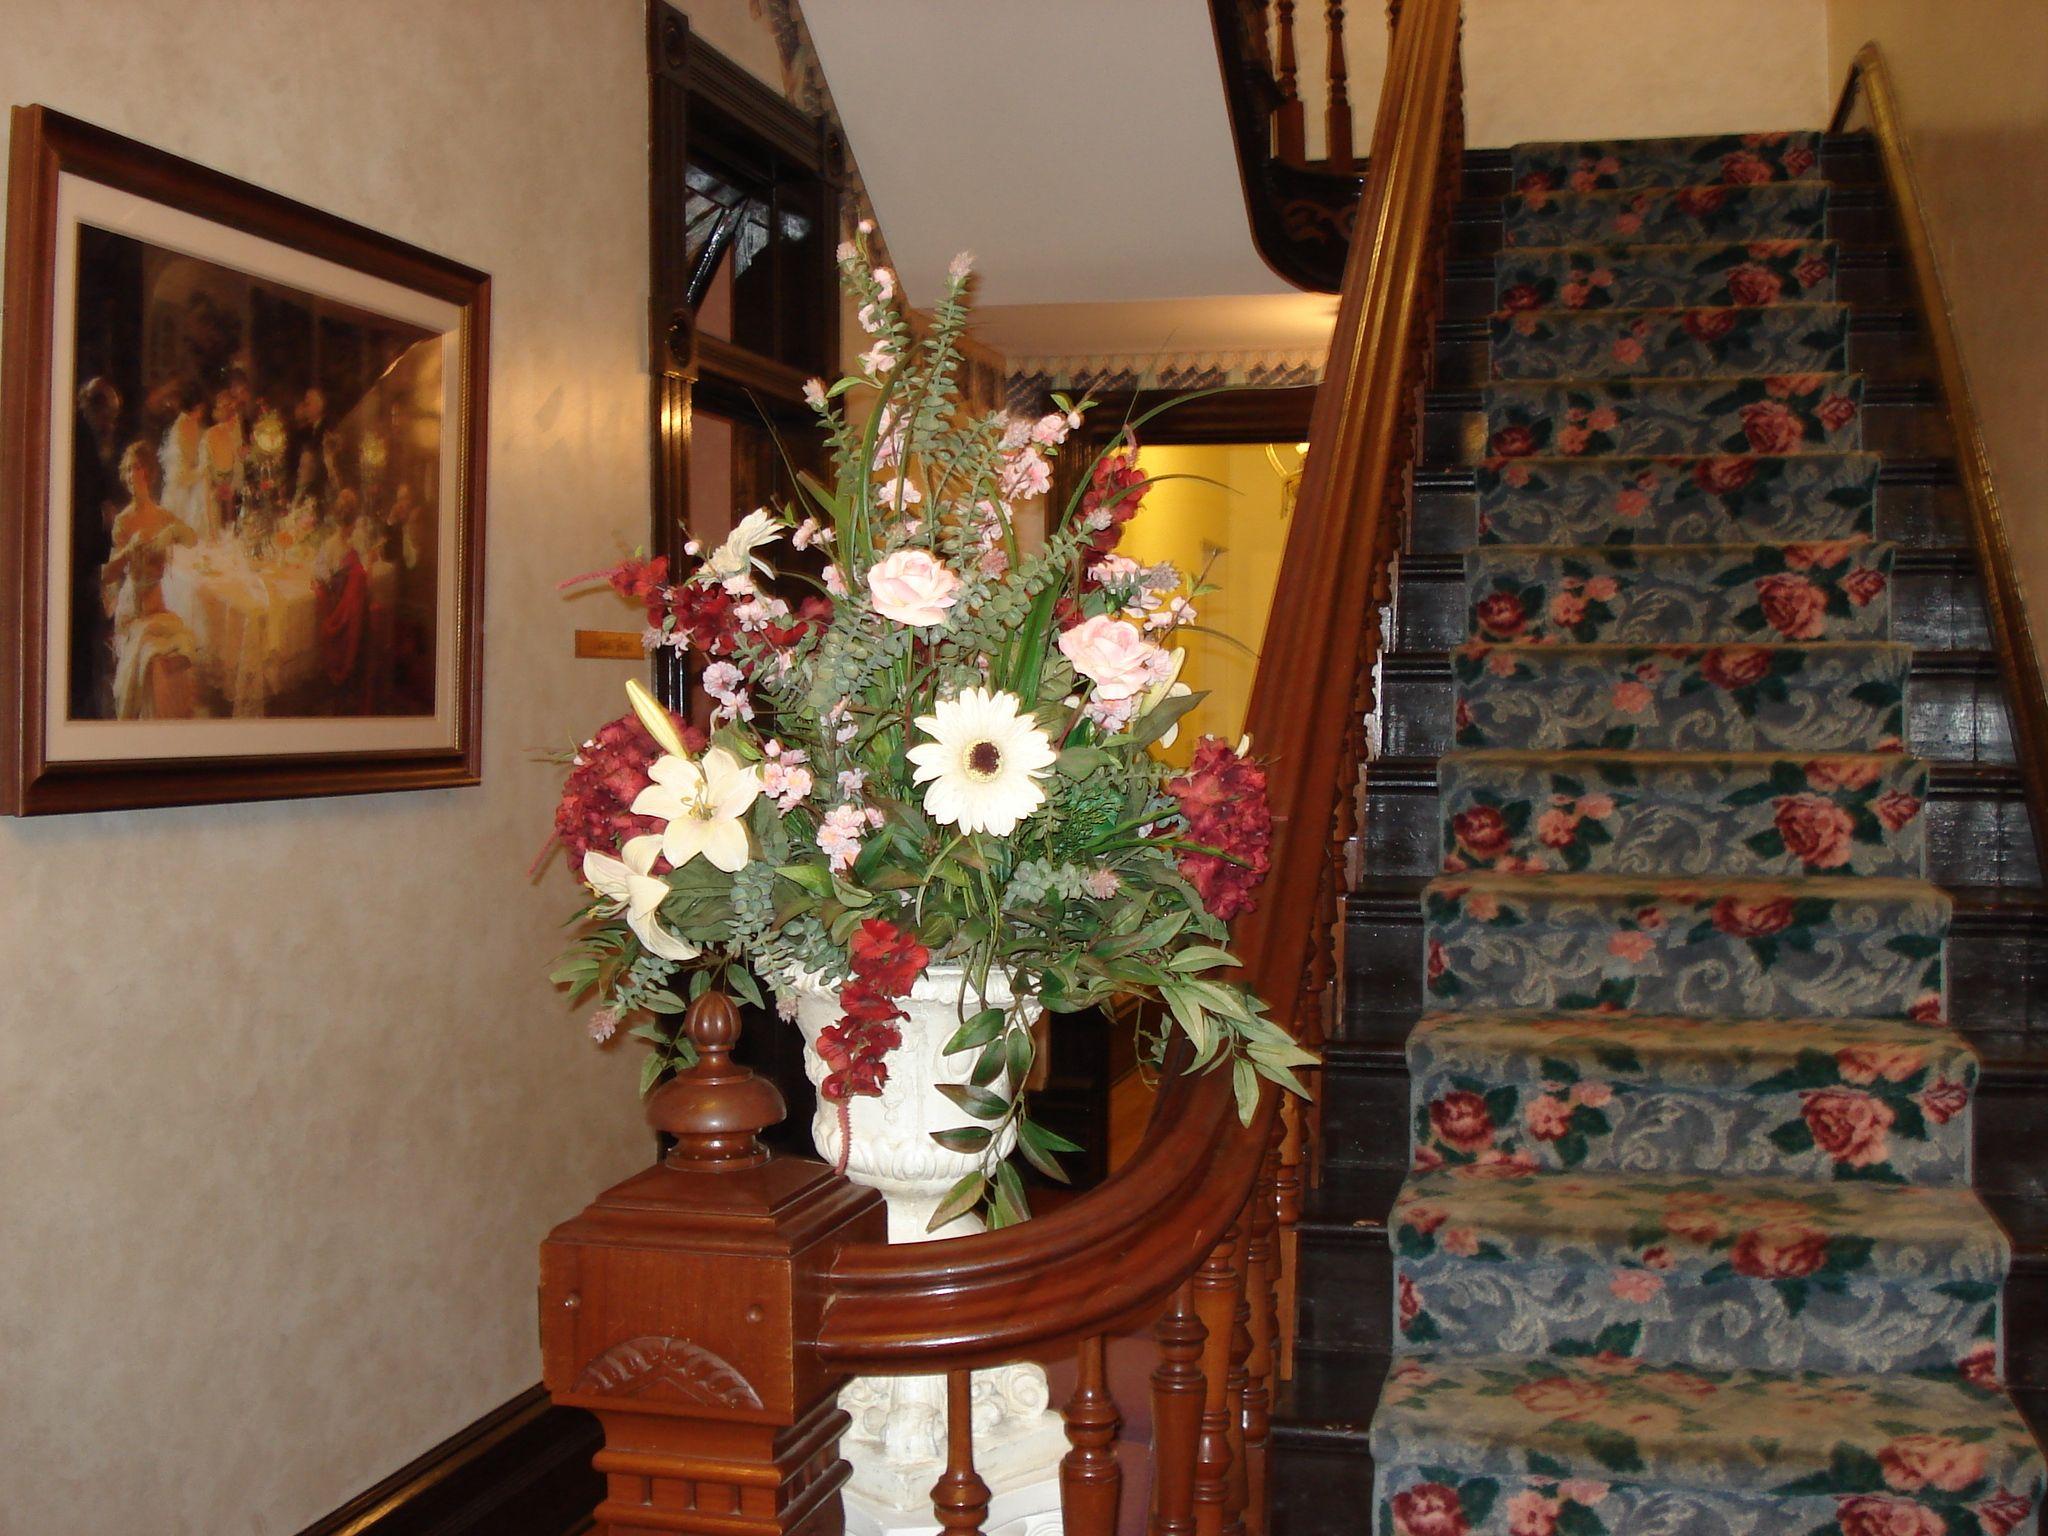 Kansas dickinson county abilene - Kirby House Interior Abilene Ks By Judy Clarke